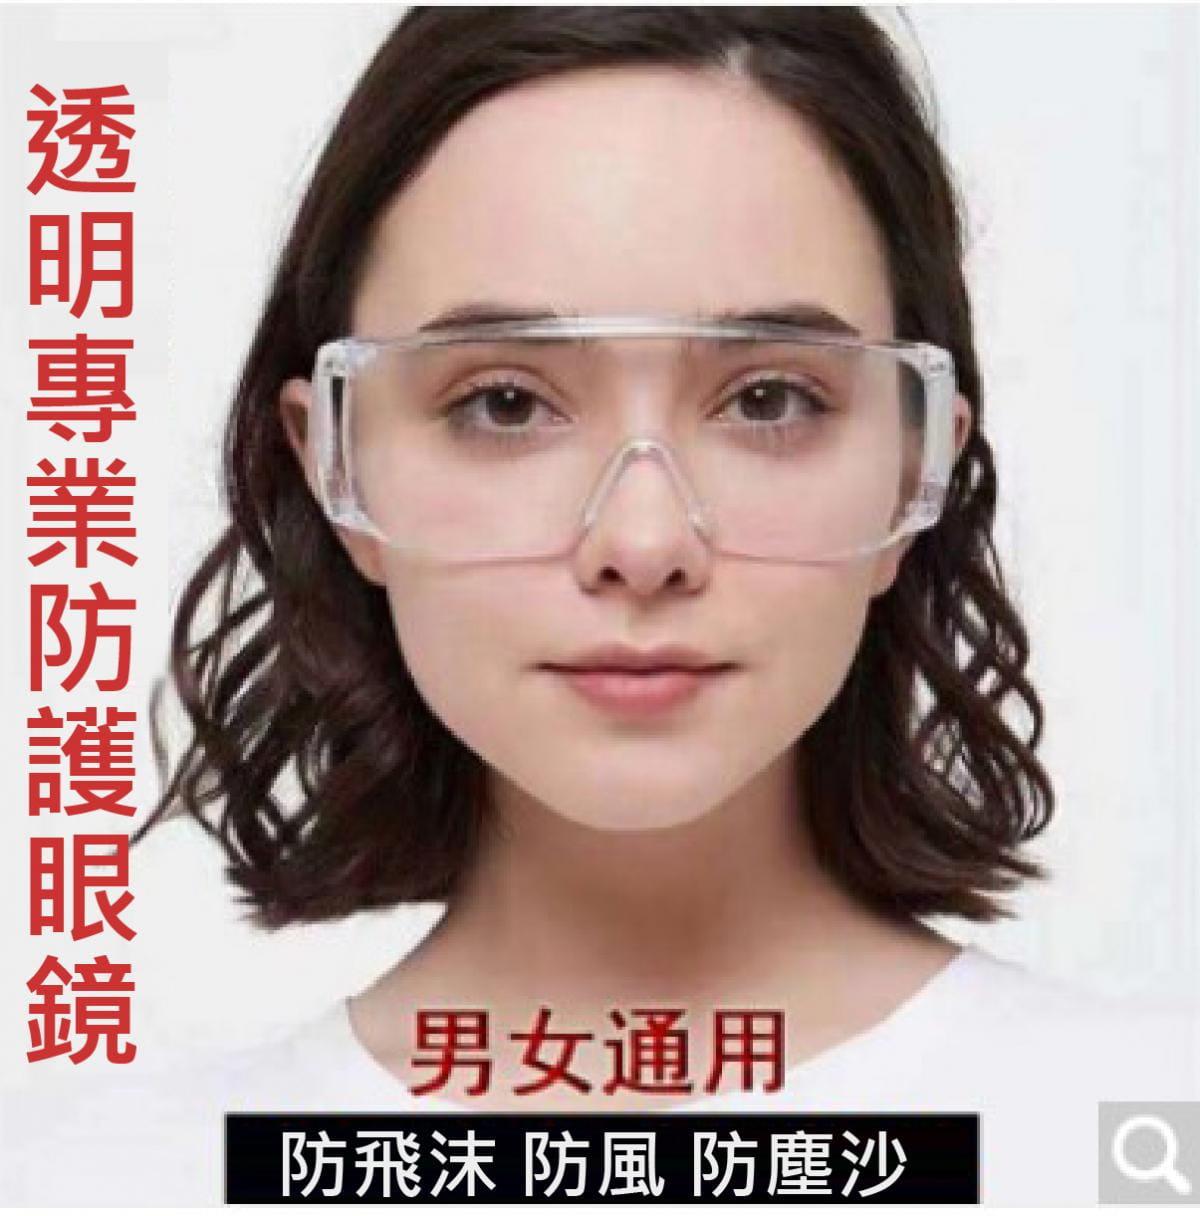 【英才星】台灣製防霧透明運動護目眼鏡 加贈眼鏡袋+眼鏡布 6